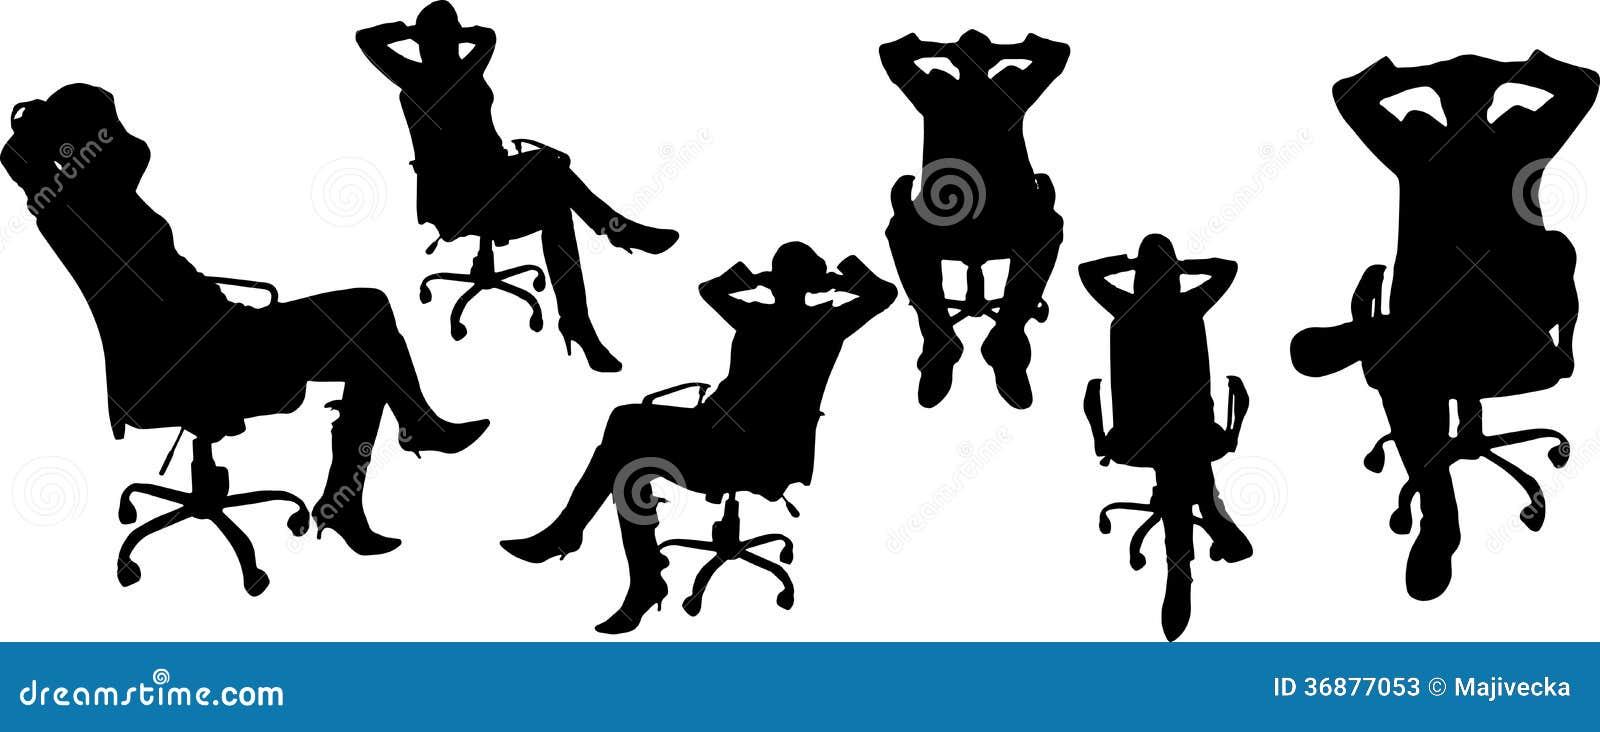 Download Siluette Di Vettore Delle Persone Di Affari Illustrazione Vettoriale - Illustrazione di mani, icona: 36877053